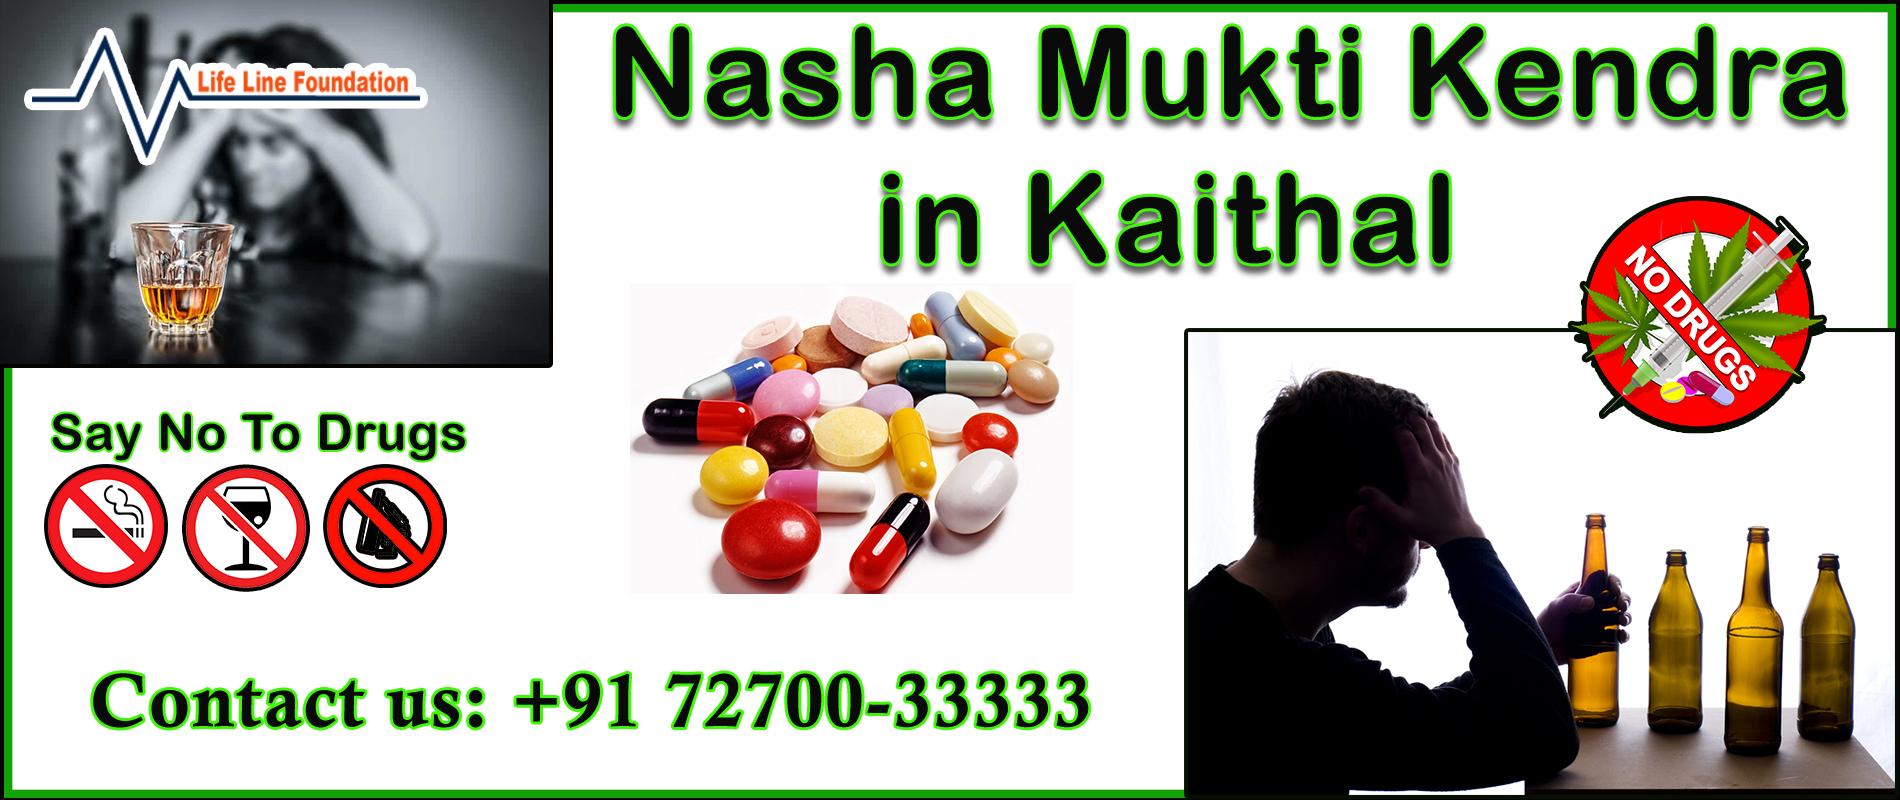 Nasha Mukti Kendra in Kaithal